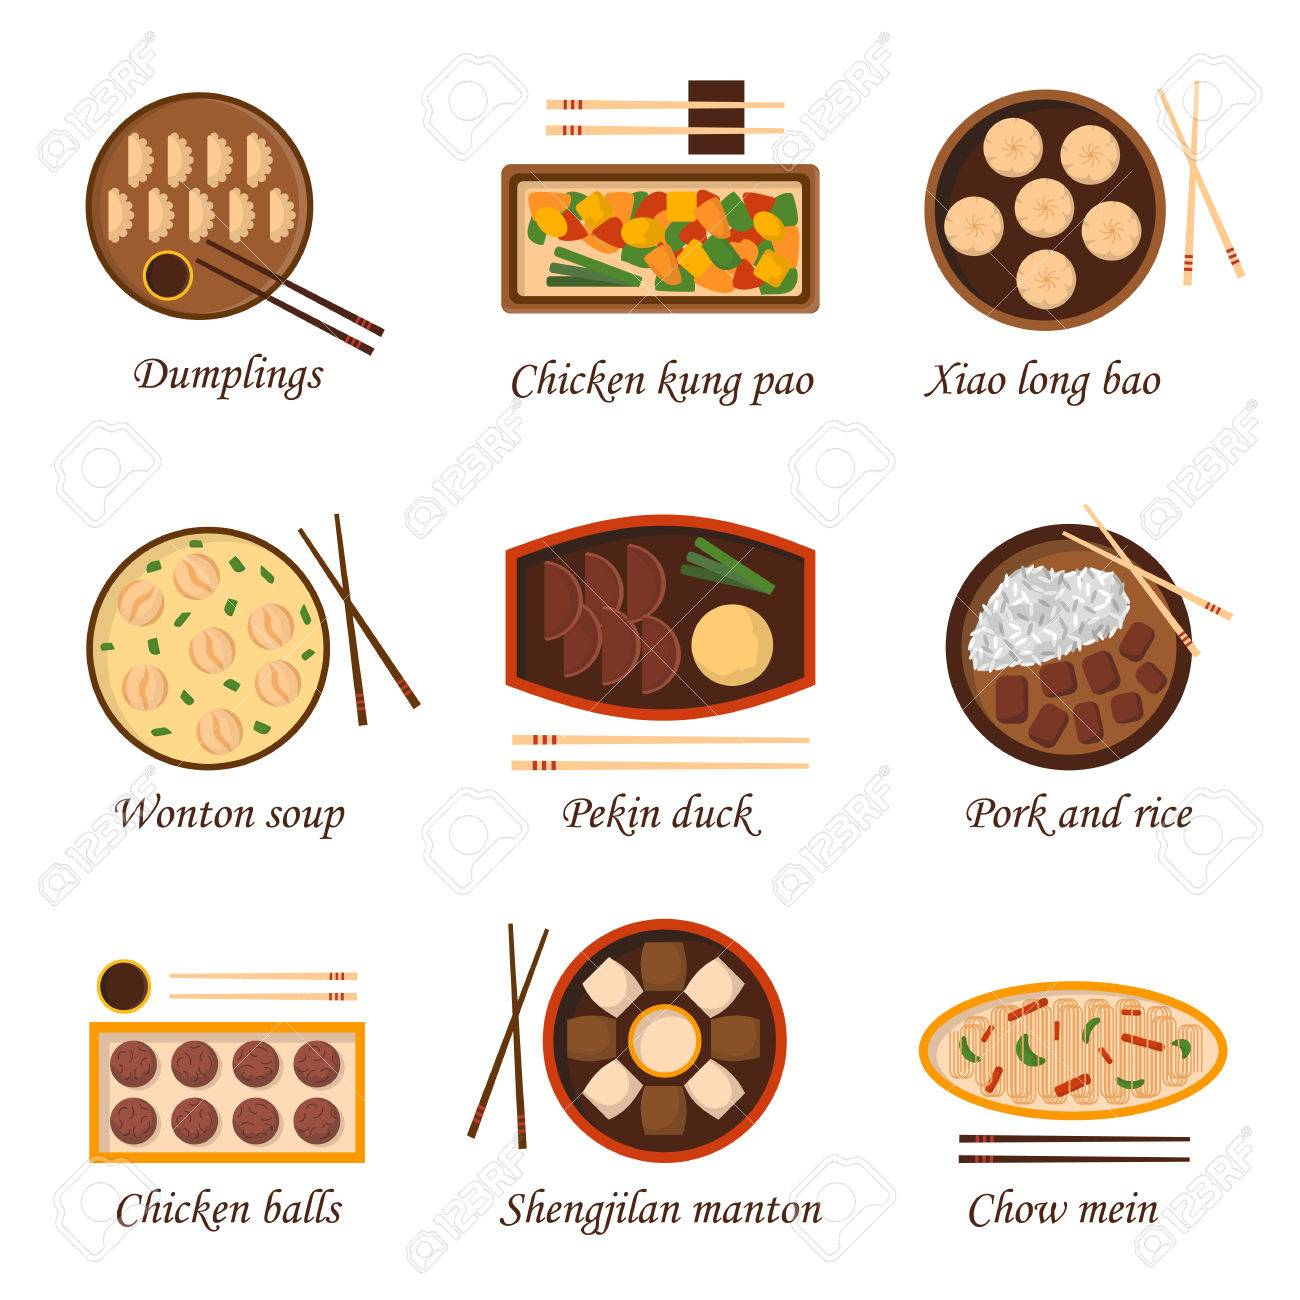 漫画かわいい中華料理料理イラストのイラスト素材ベクタ Image 59585113